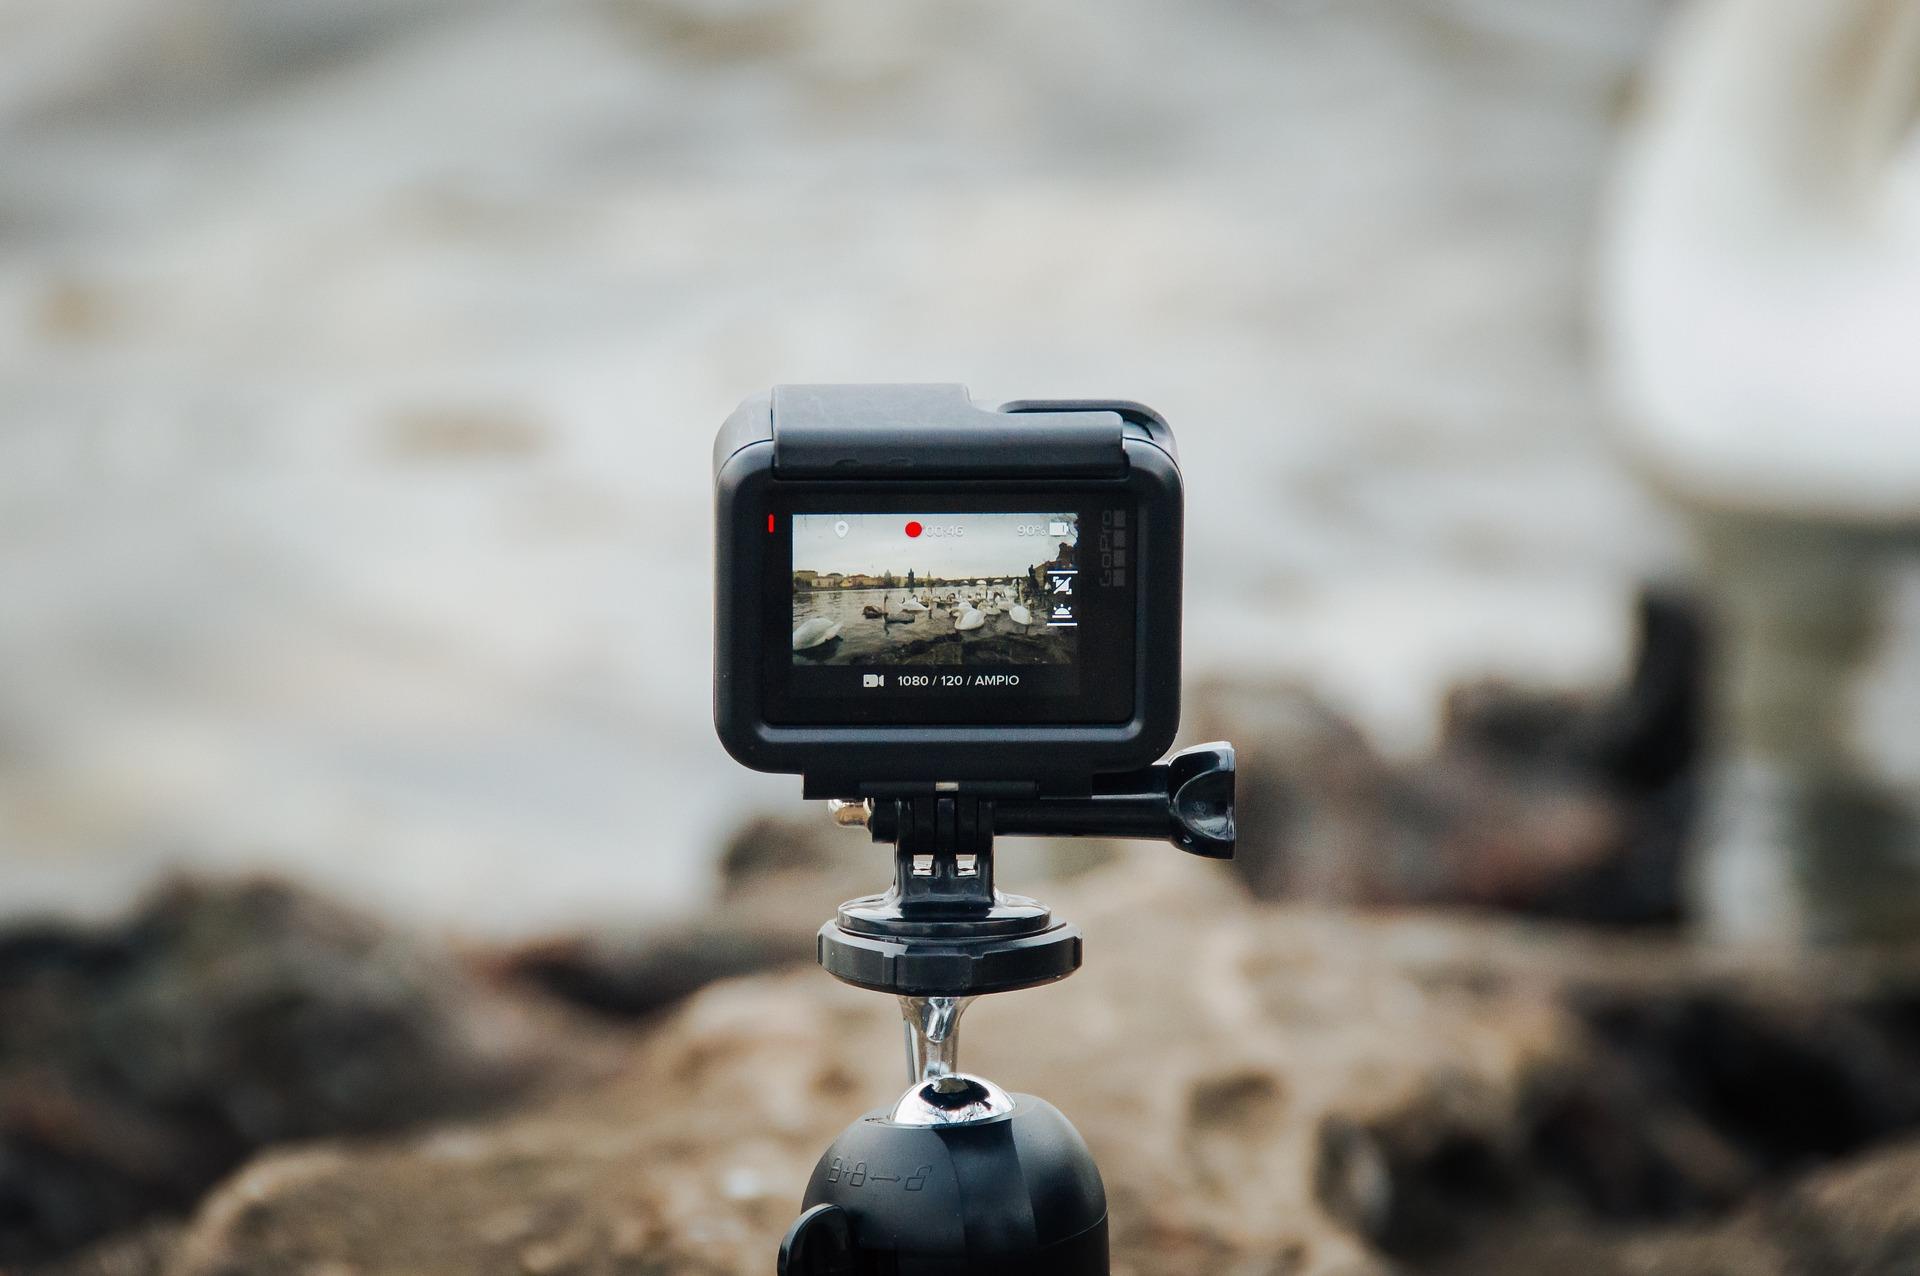 So gelingen Fotos mit der GoPro